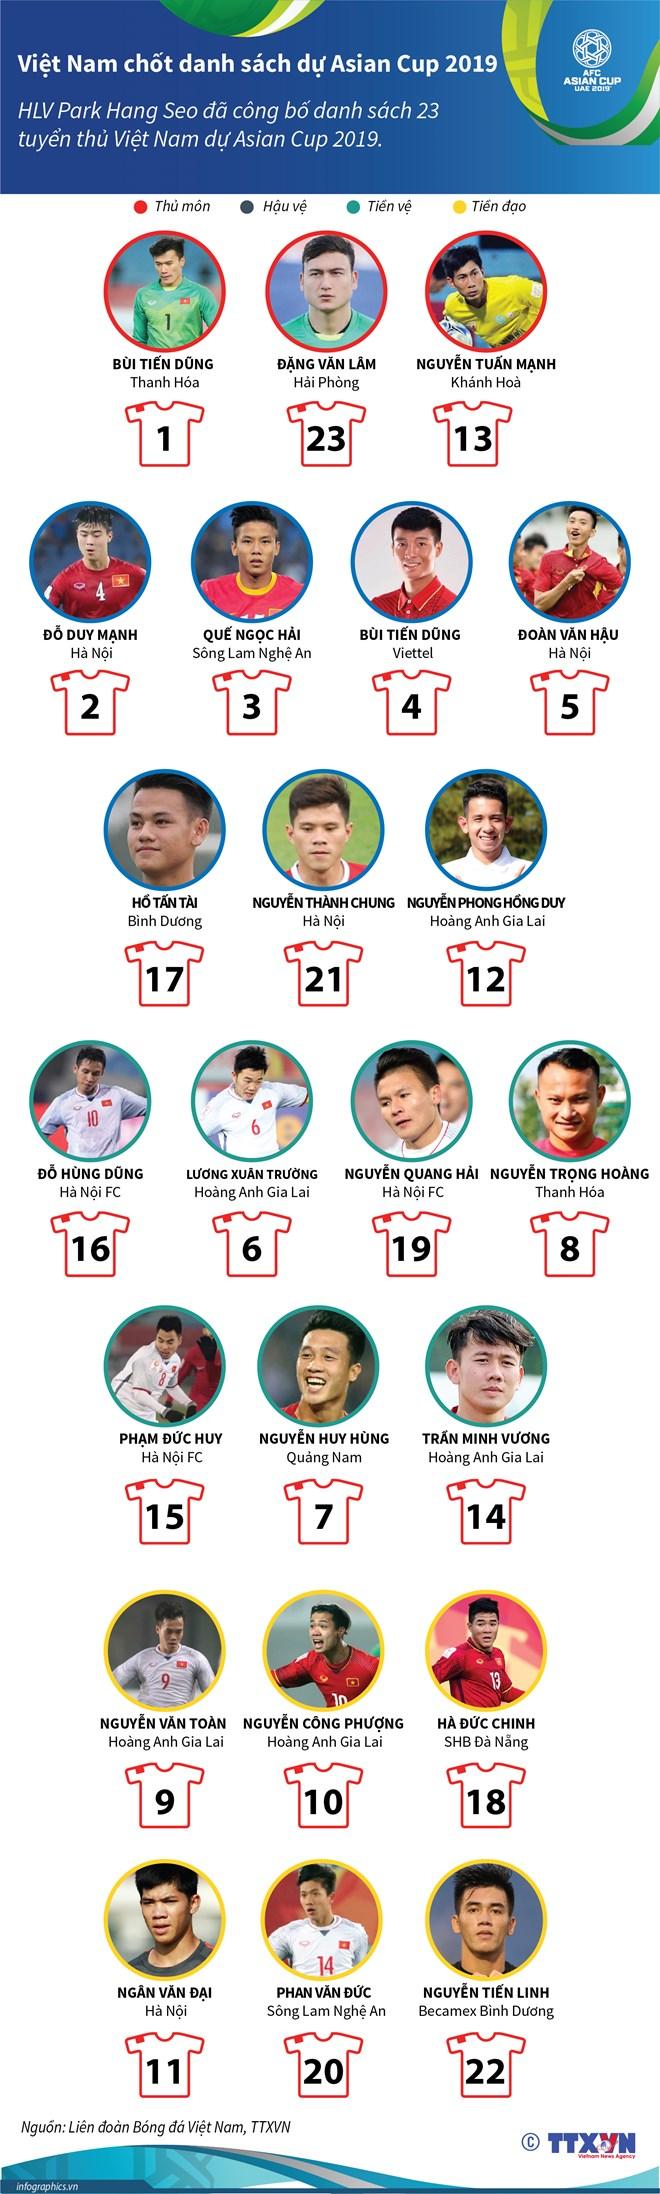 Chi tiết số áo đấu các cầu thủ Việt Nam tham dự Asian Cup 2019 - 1